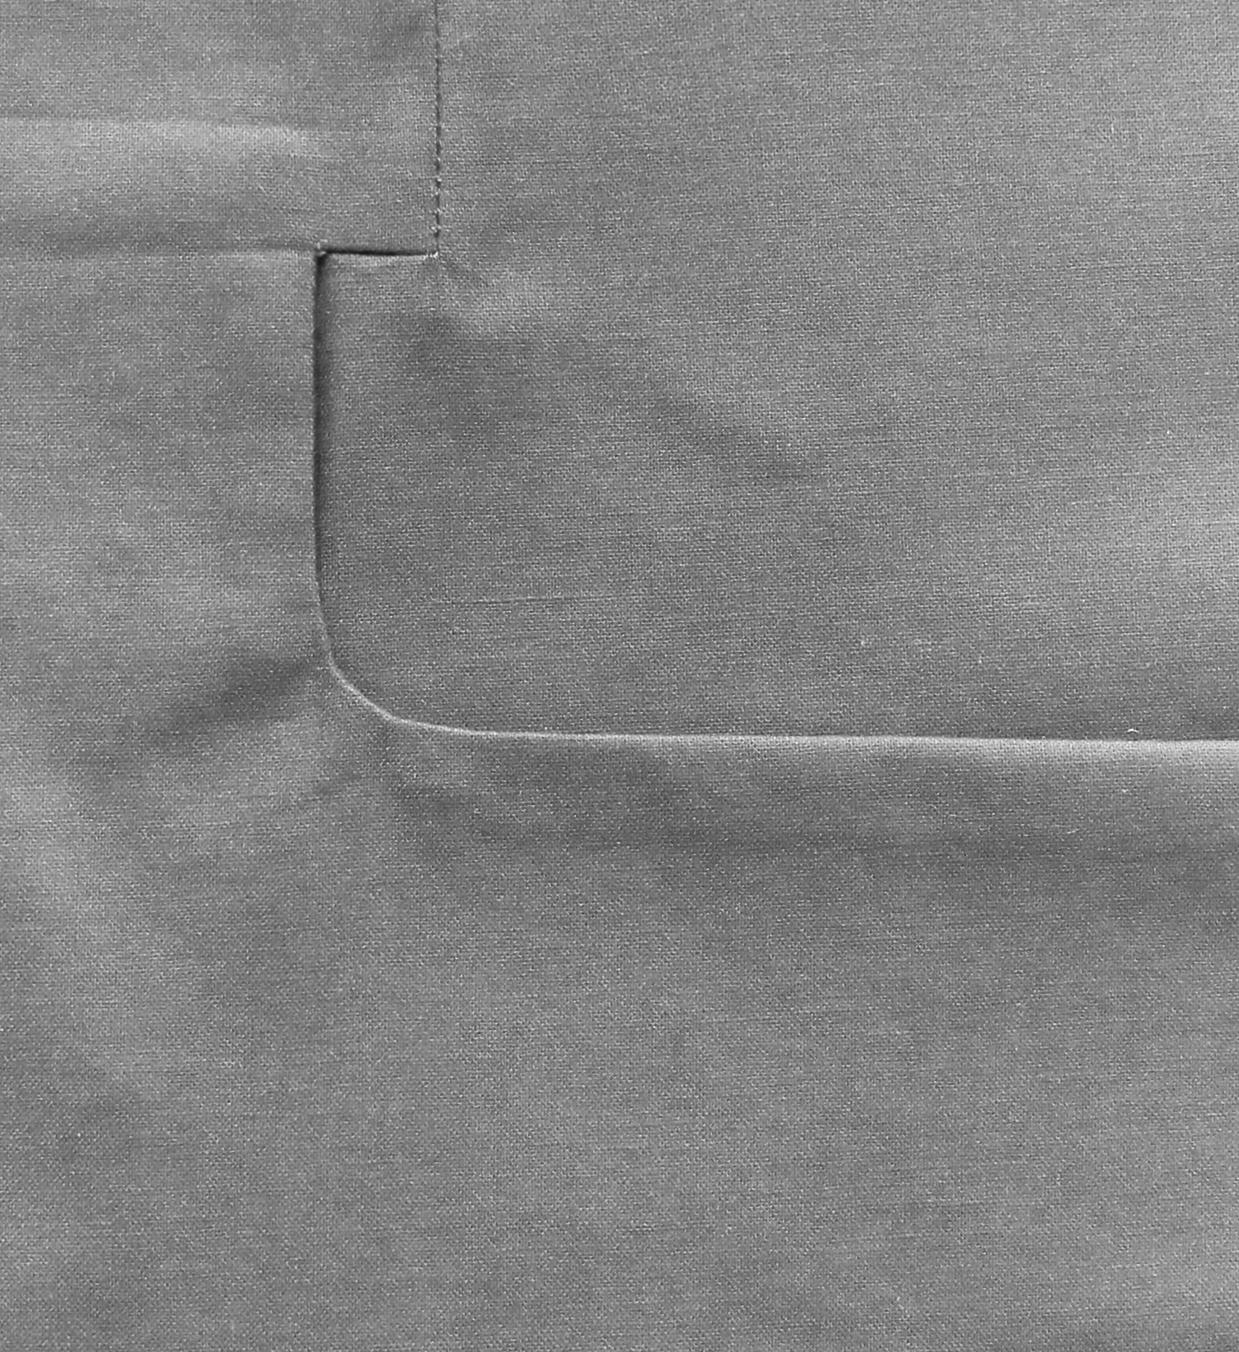 Nähanleitung für Eingriffstasche aus der Teilungsnaht